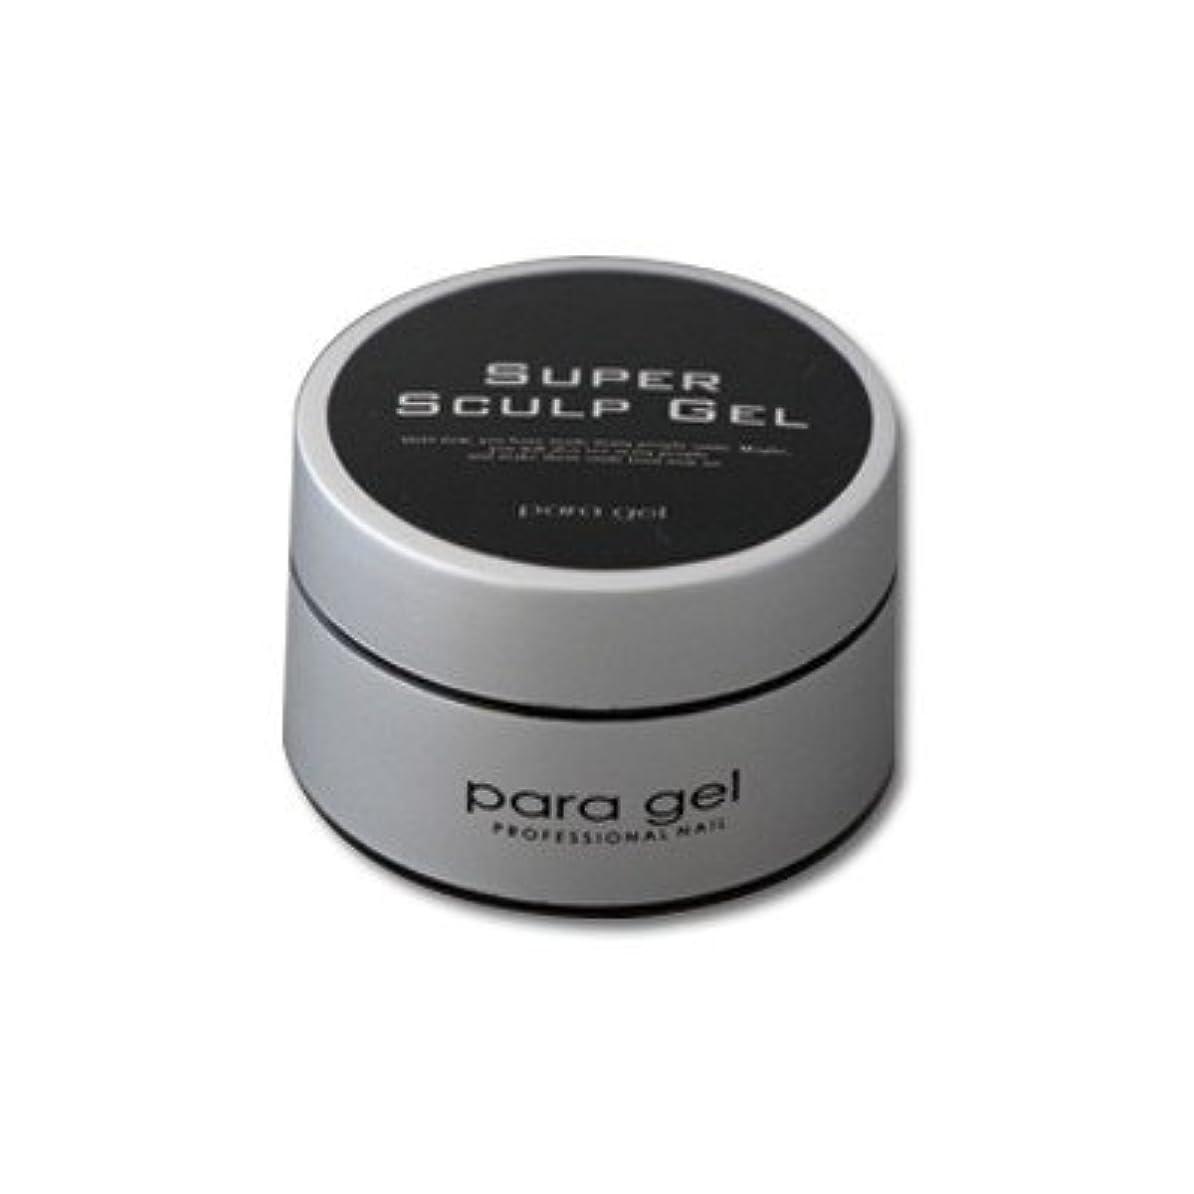 エキス討論嫌悪para gel(パラジェル) スーパースカルプジェル 10g